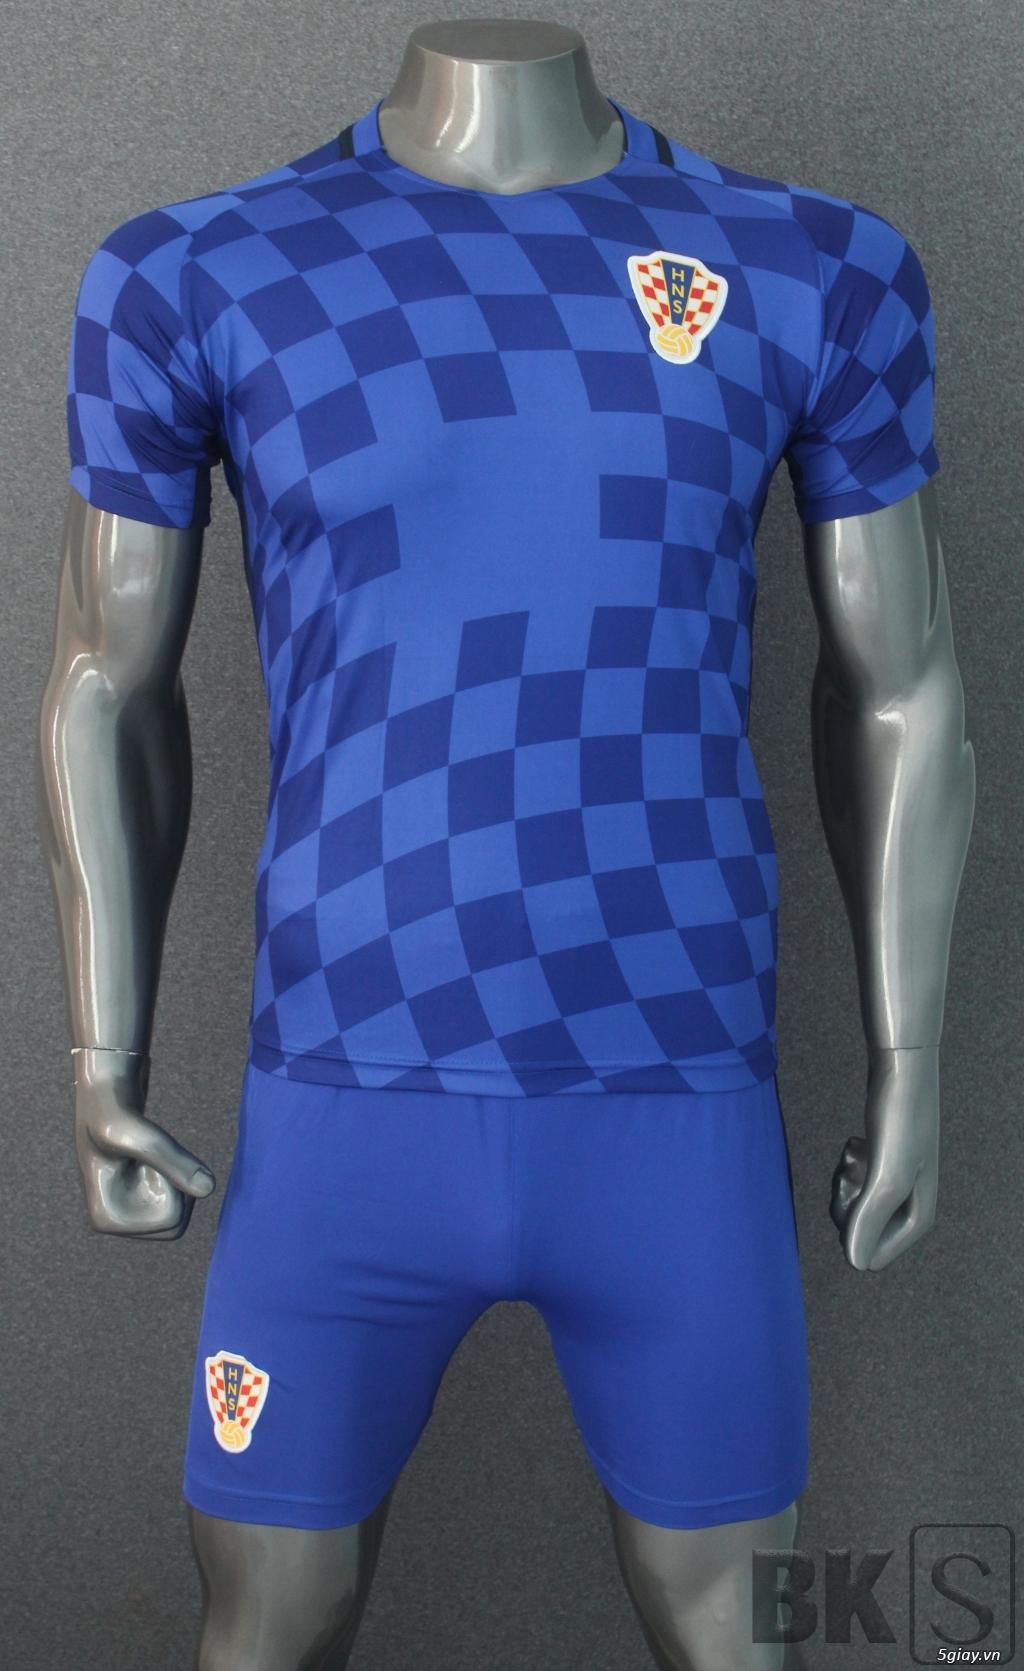 Áo bóng đá HP-địa chỉ gốc sản xuất trang phục thể thao số 1 Việt Nam - 42